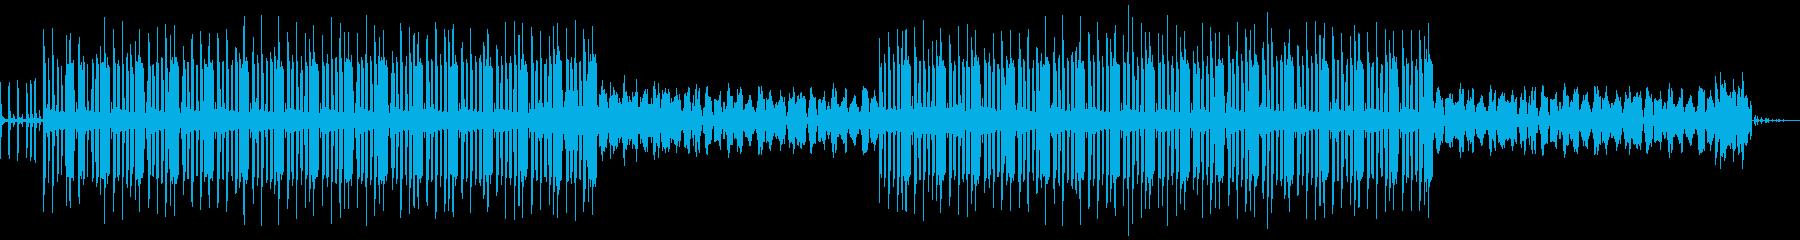 深めのヒップホップビートです。の再生済みの波形